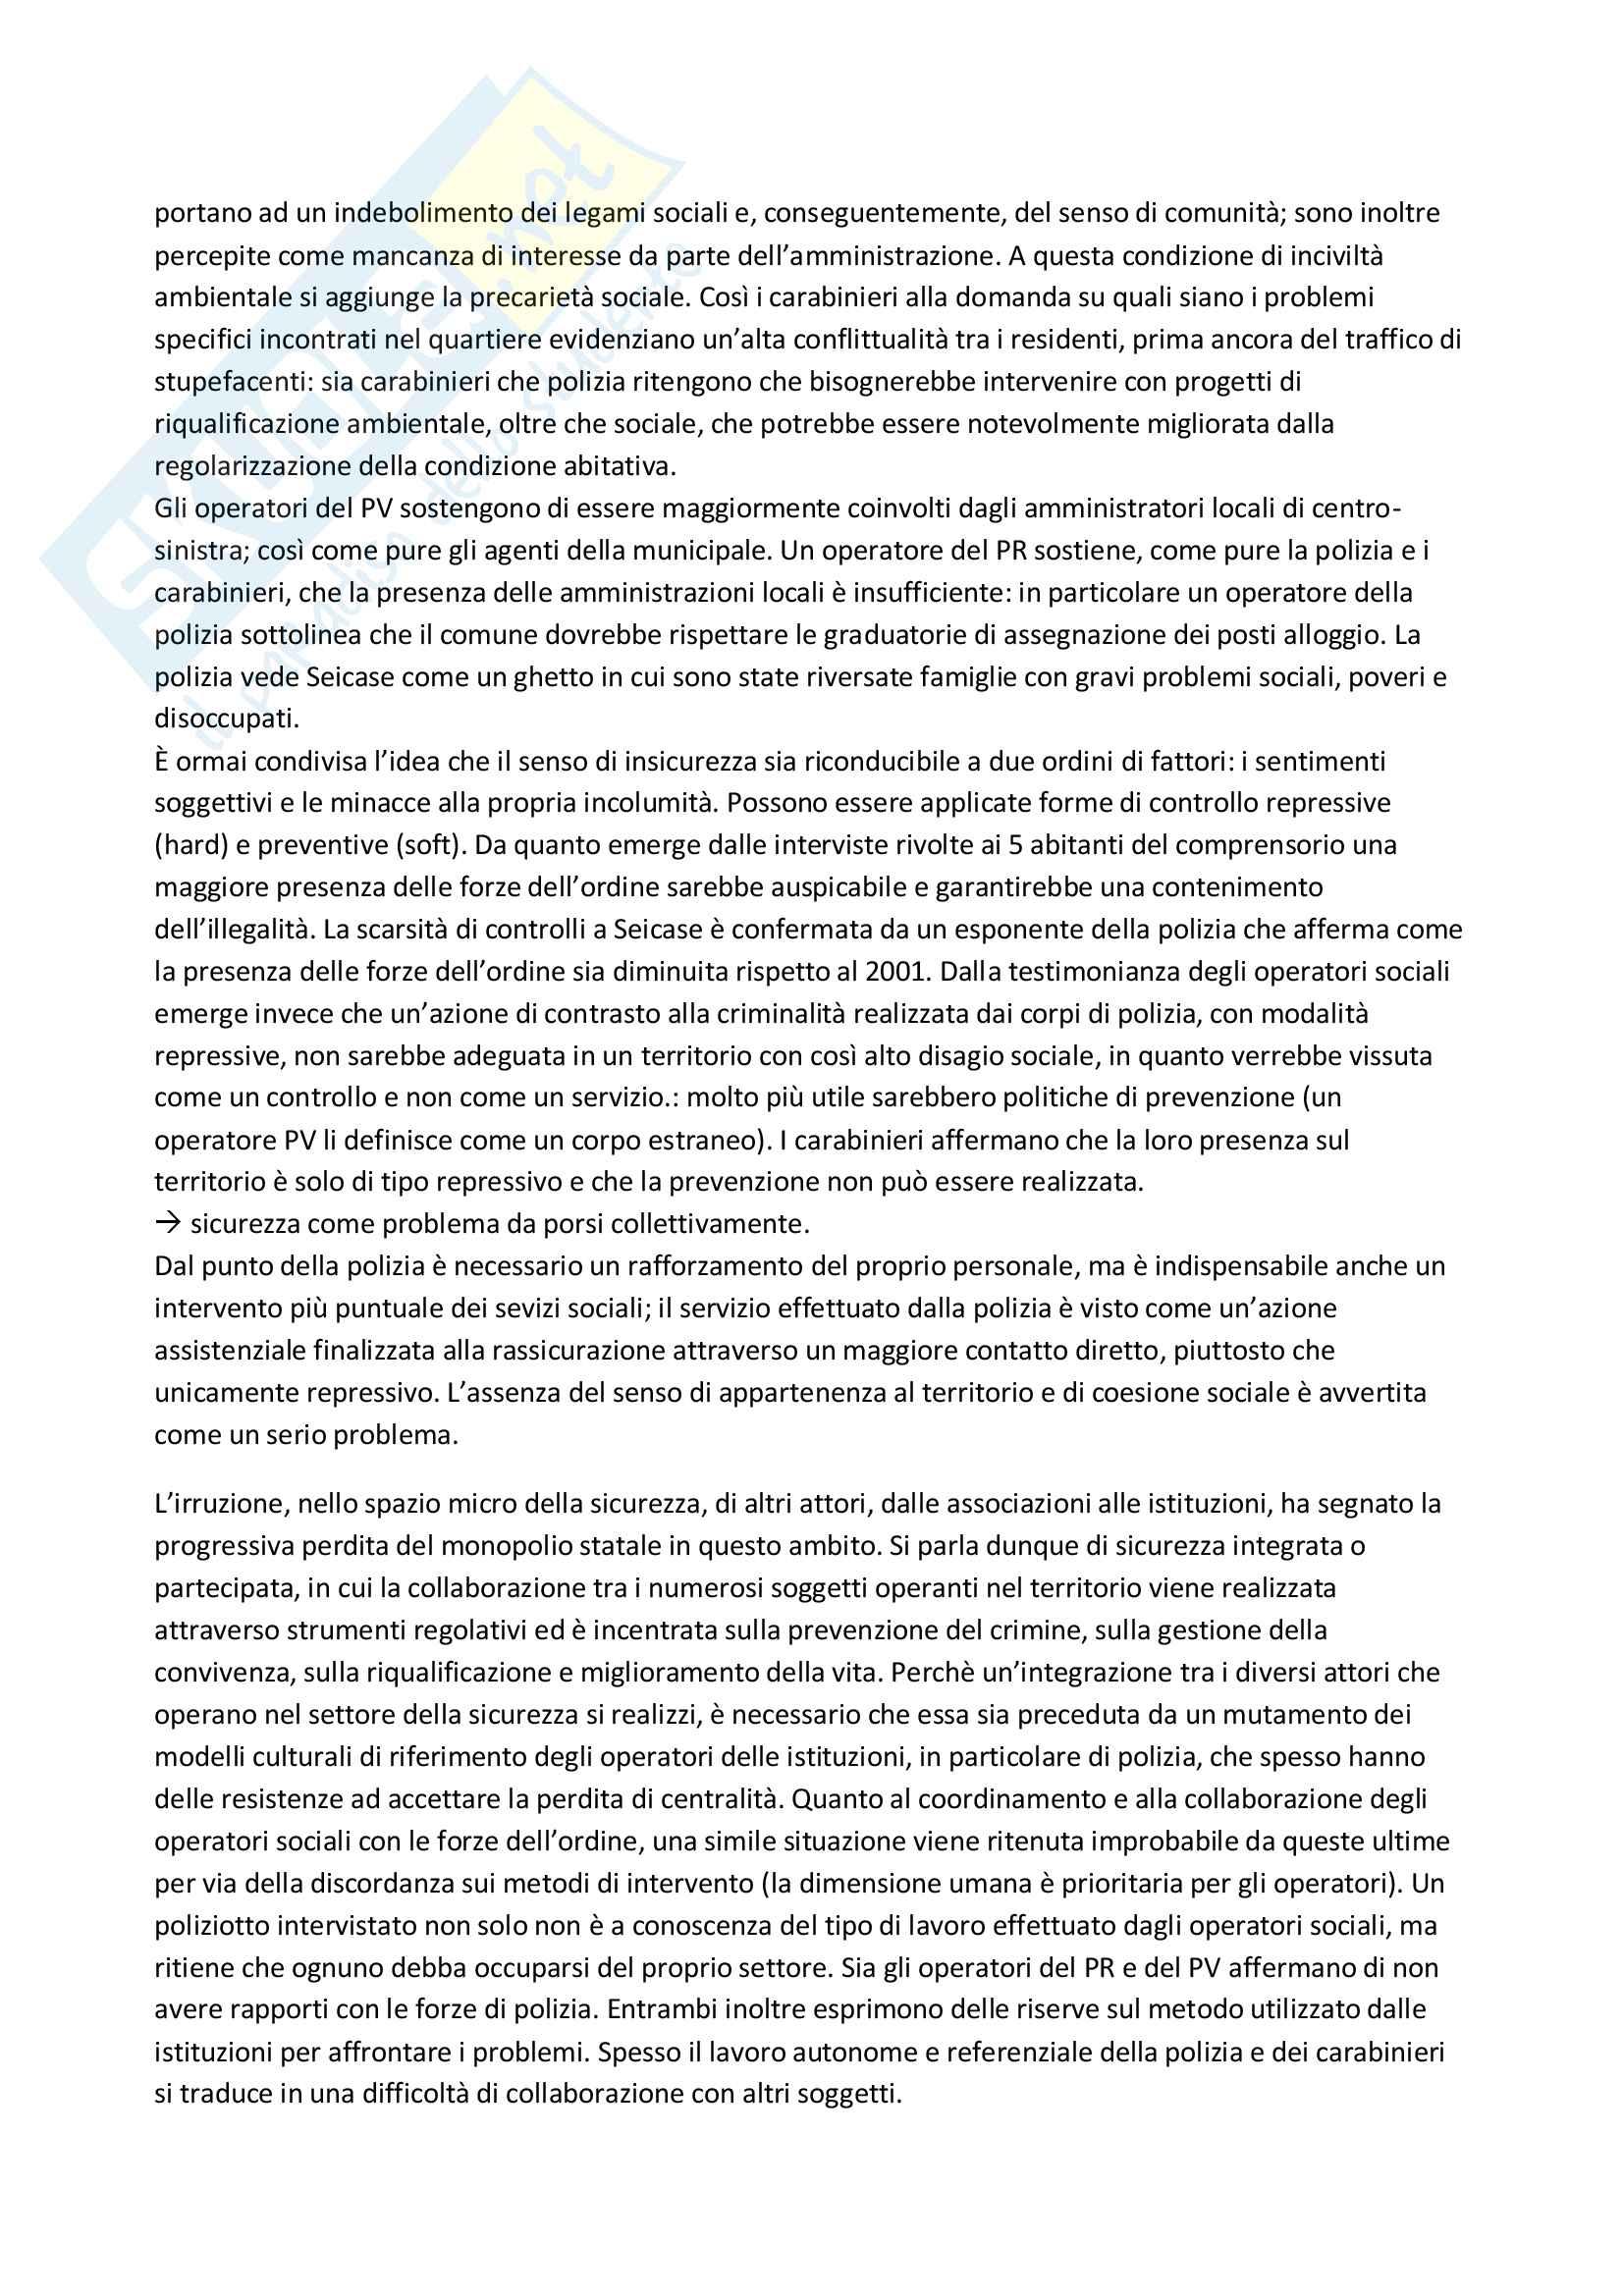 """Riassunto esame Sociologia Corso Avanzato, prof. Battistelli, libro consigliato """"La fabbrica della sicurezza"""" F. Battistelli Pag. 6"""